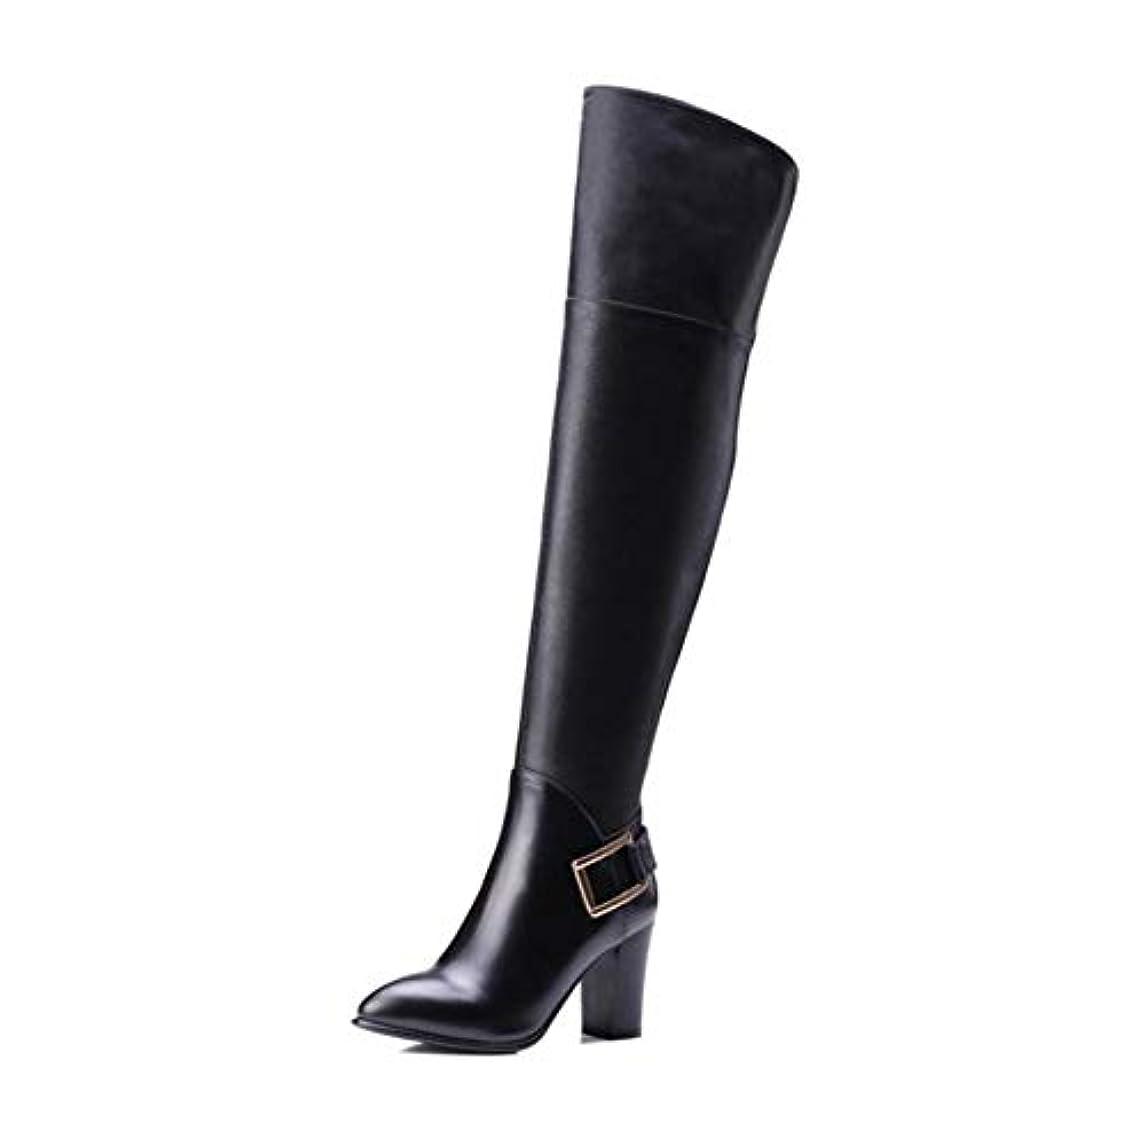 敬礼ラブ水平レディースシューズ、革のポイントブーツ、女性の膝の高いブーツ、冬の新しい厚いヒールロングブーツ、ハイヒールブーツ、マーティンブーツ (色 : ブラック, サイズ : 39)